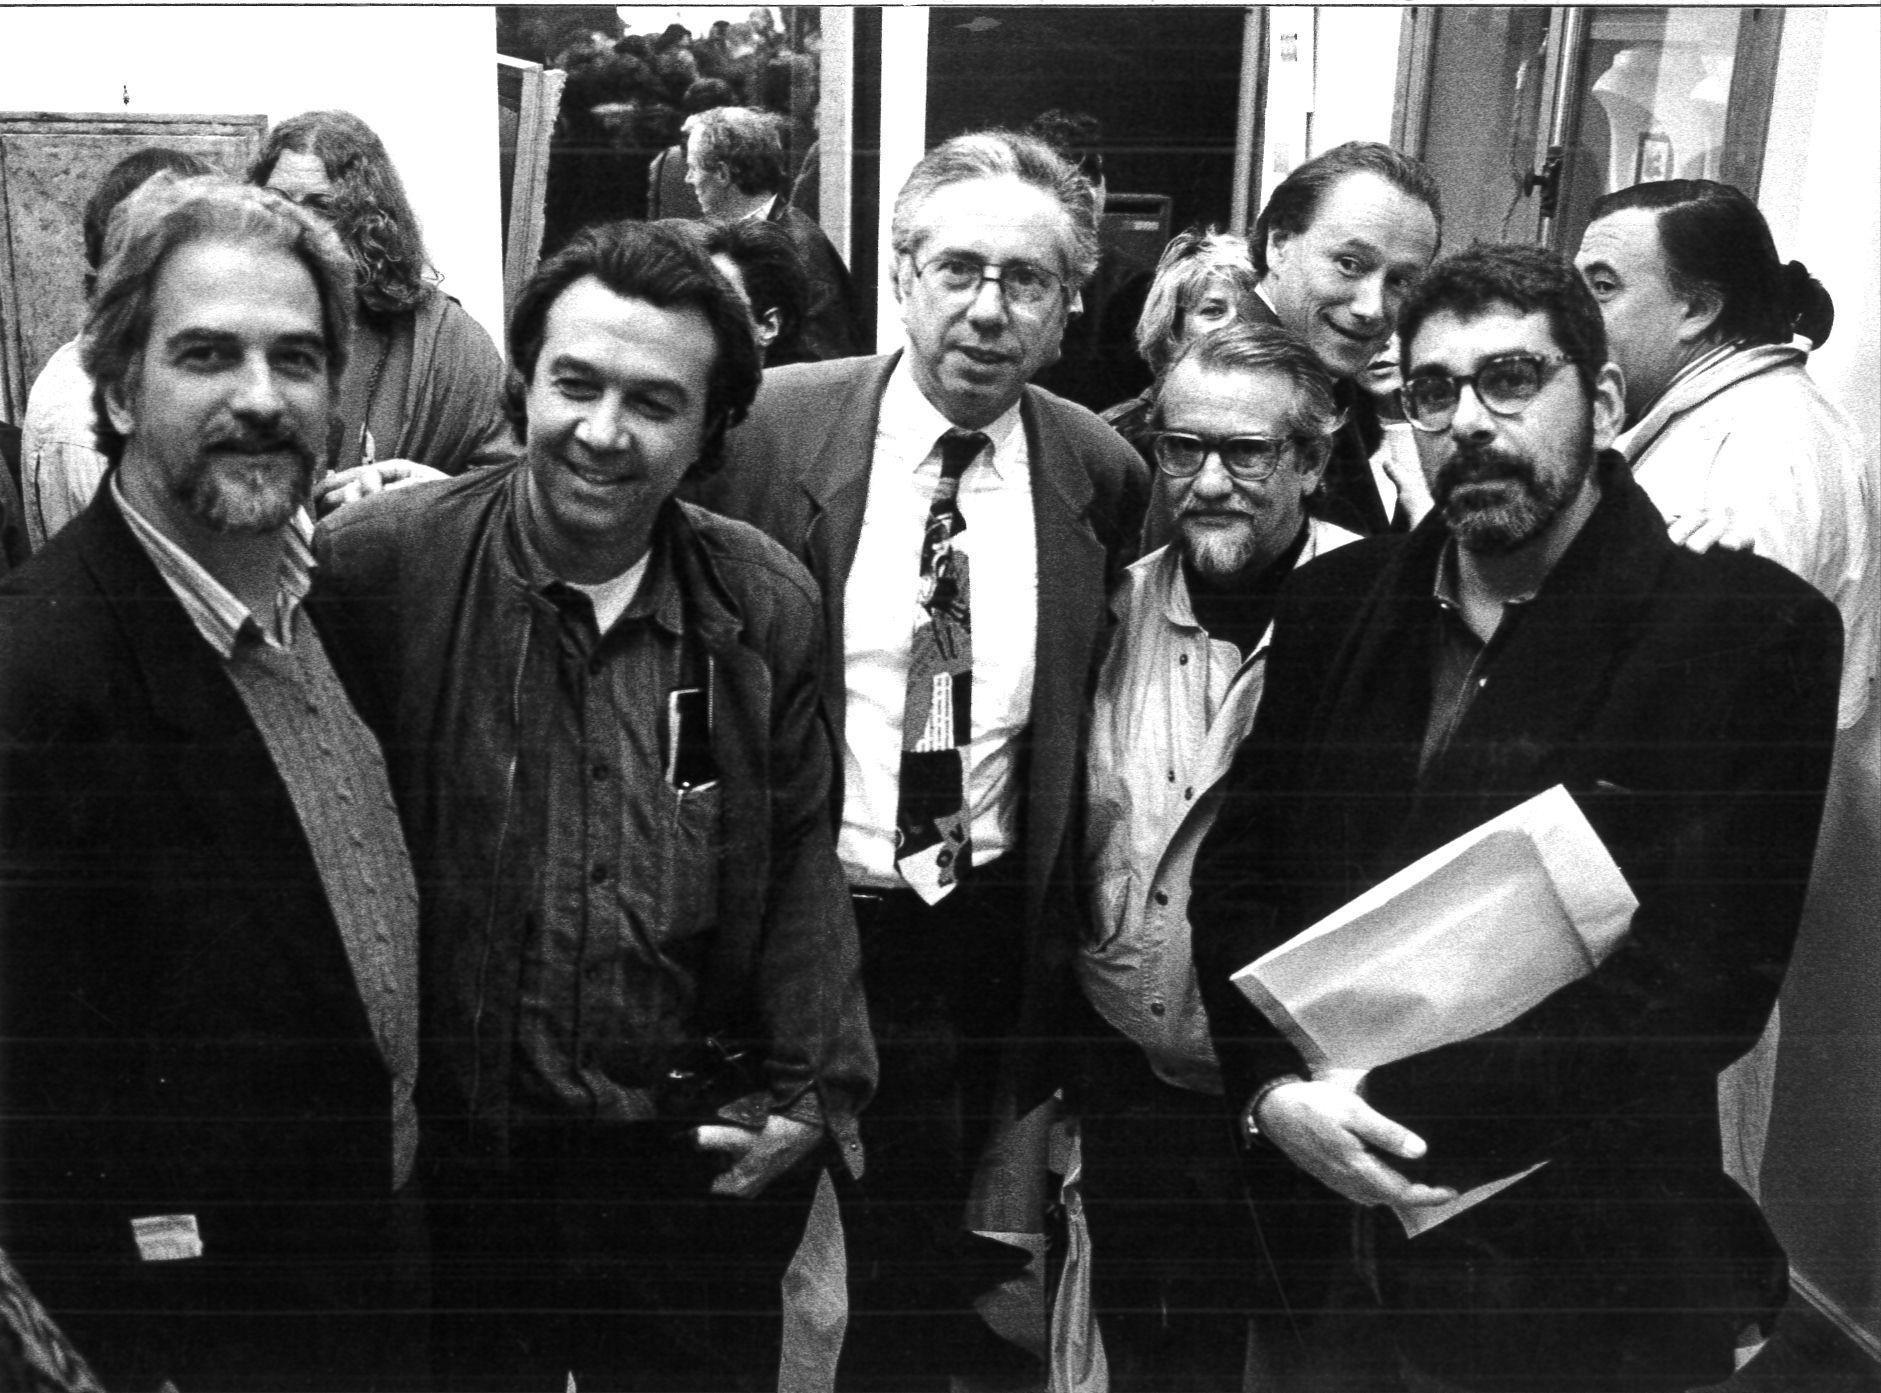 12-2-Claudio-Tozzi-Rubem-Gerchman-Marcel-Fleiss-Antonio-Henrique-do-Amaral-Angelo-de-Aquio-lors-du-vernissage-de-l-exposition-Sao-Paulo-Rio-Paris-en-1988